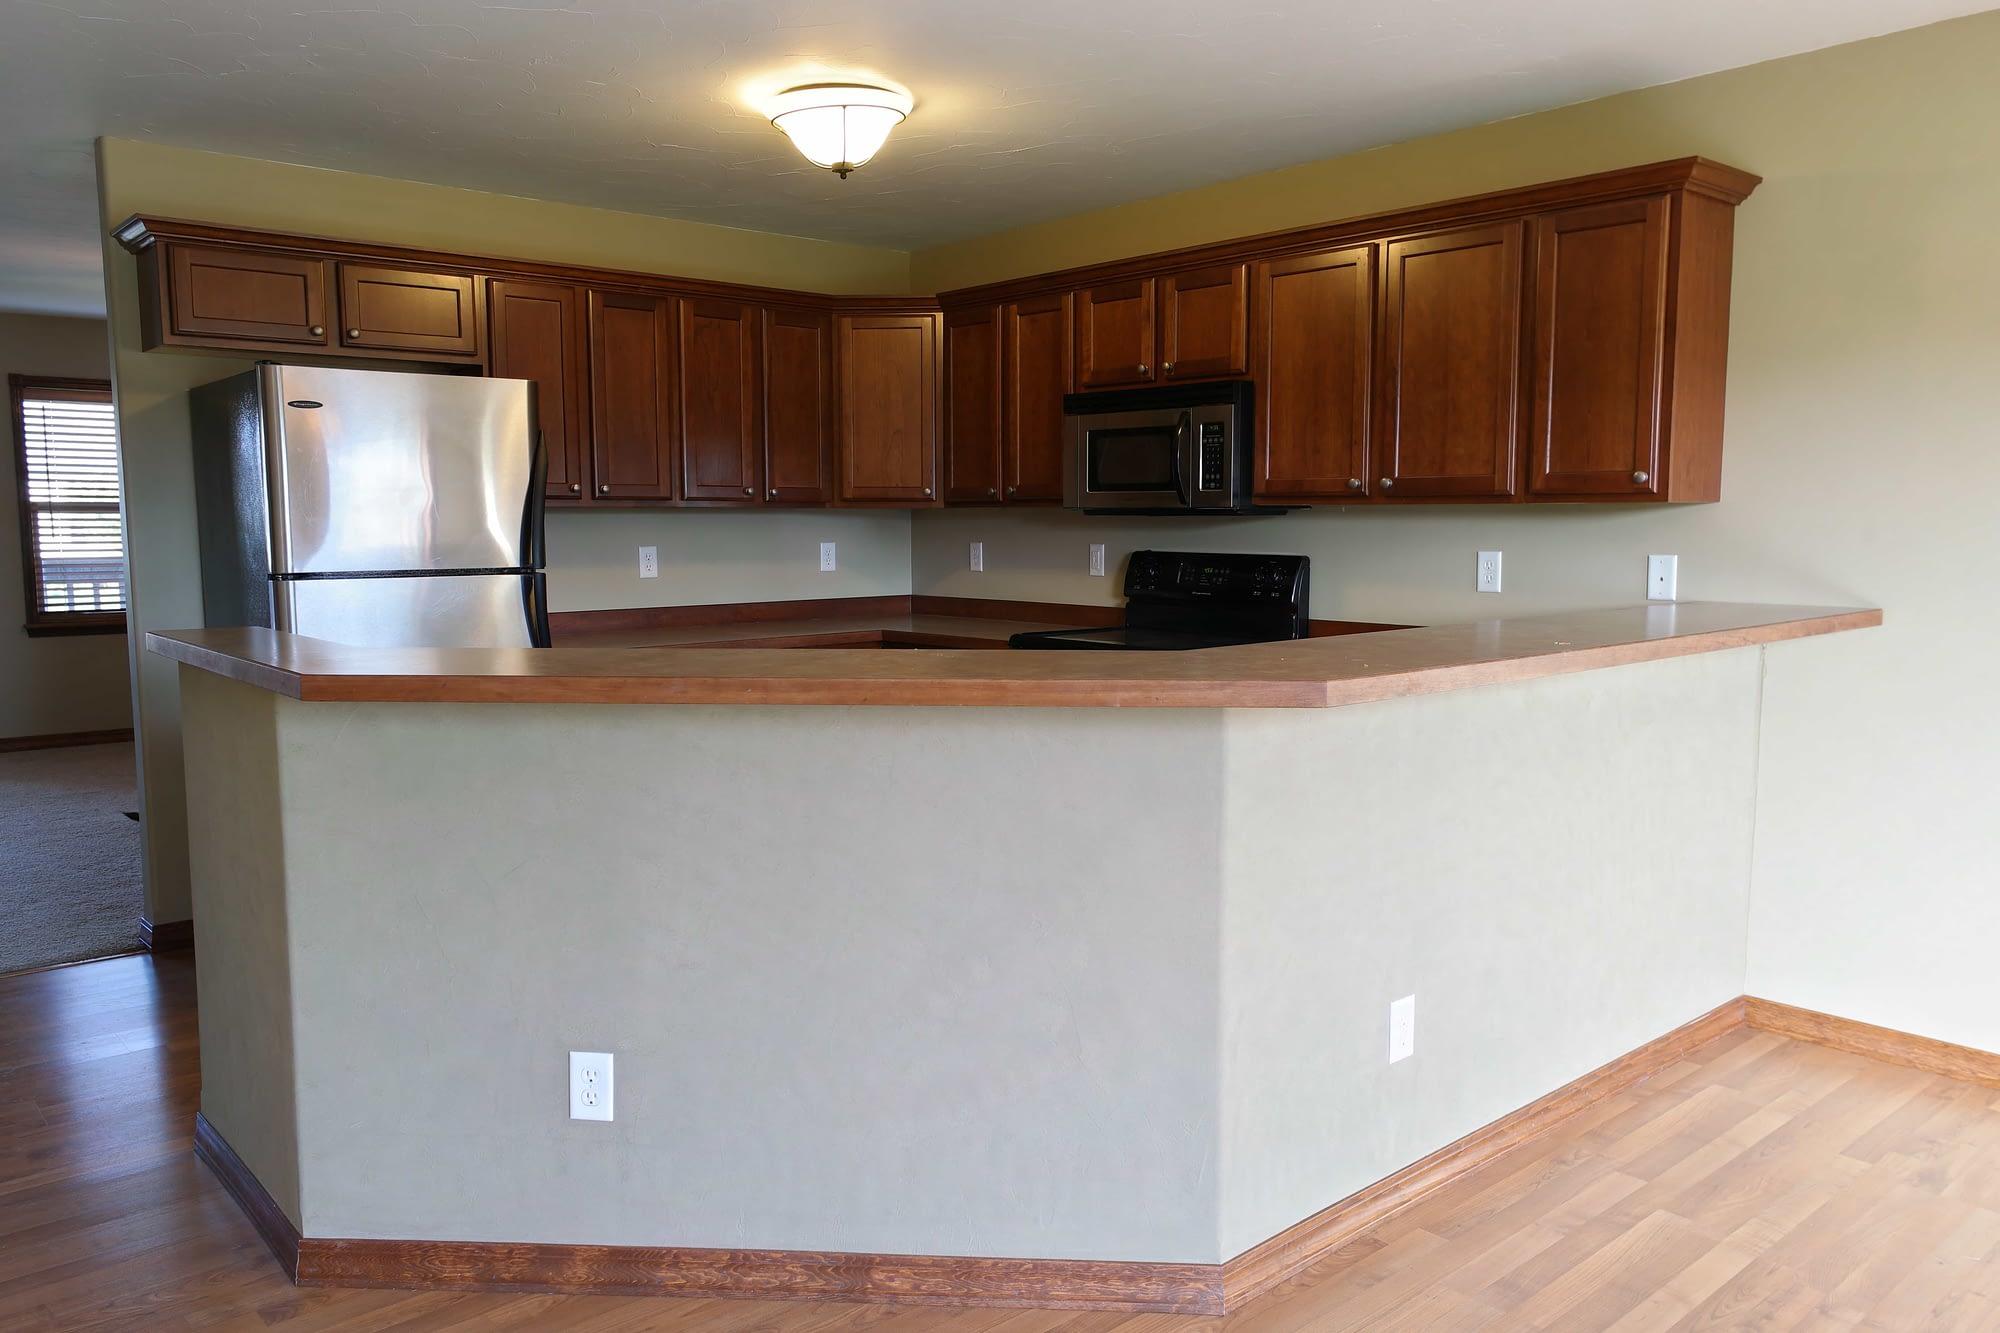 Kitchen - Before